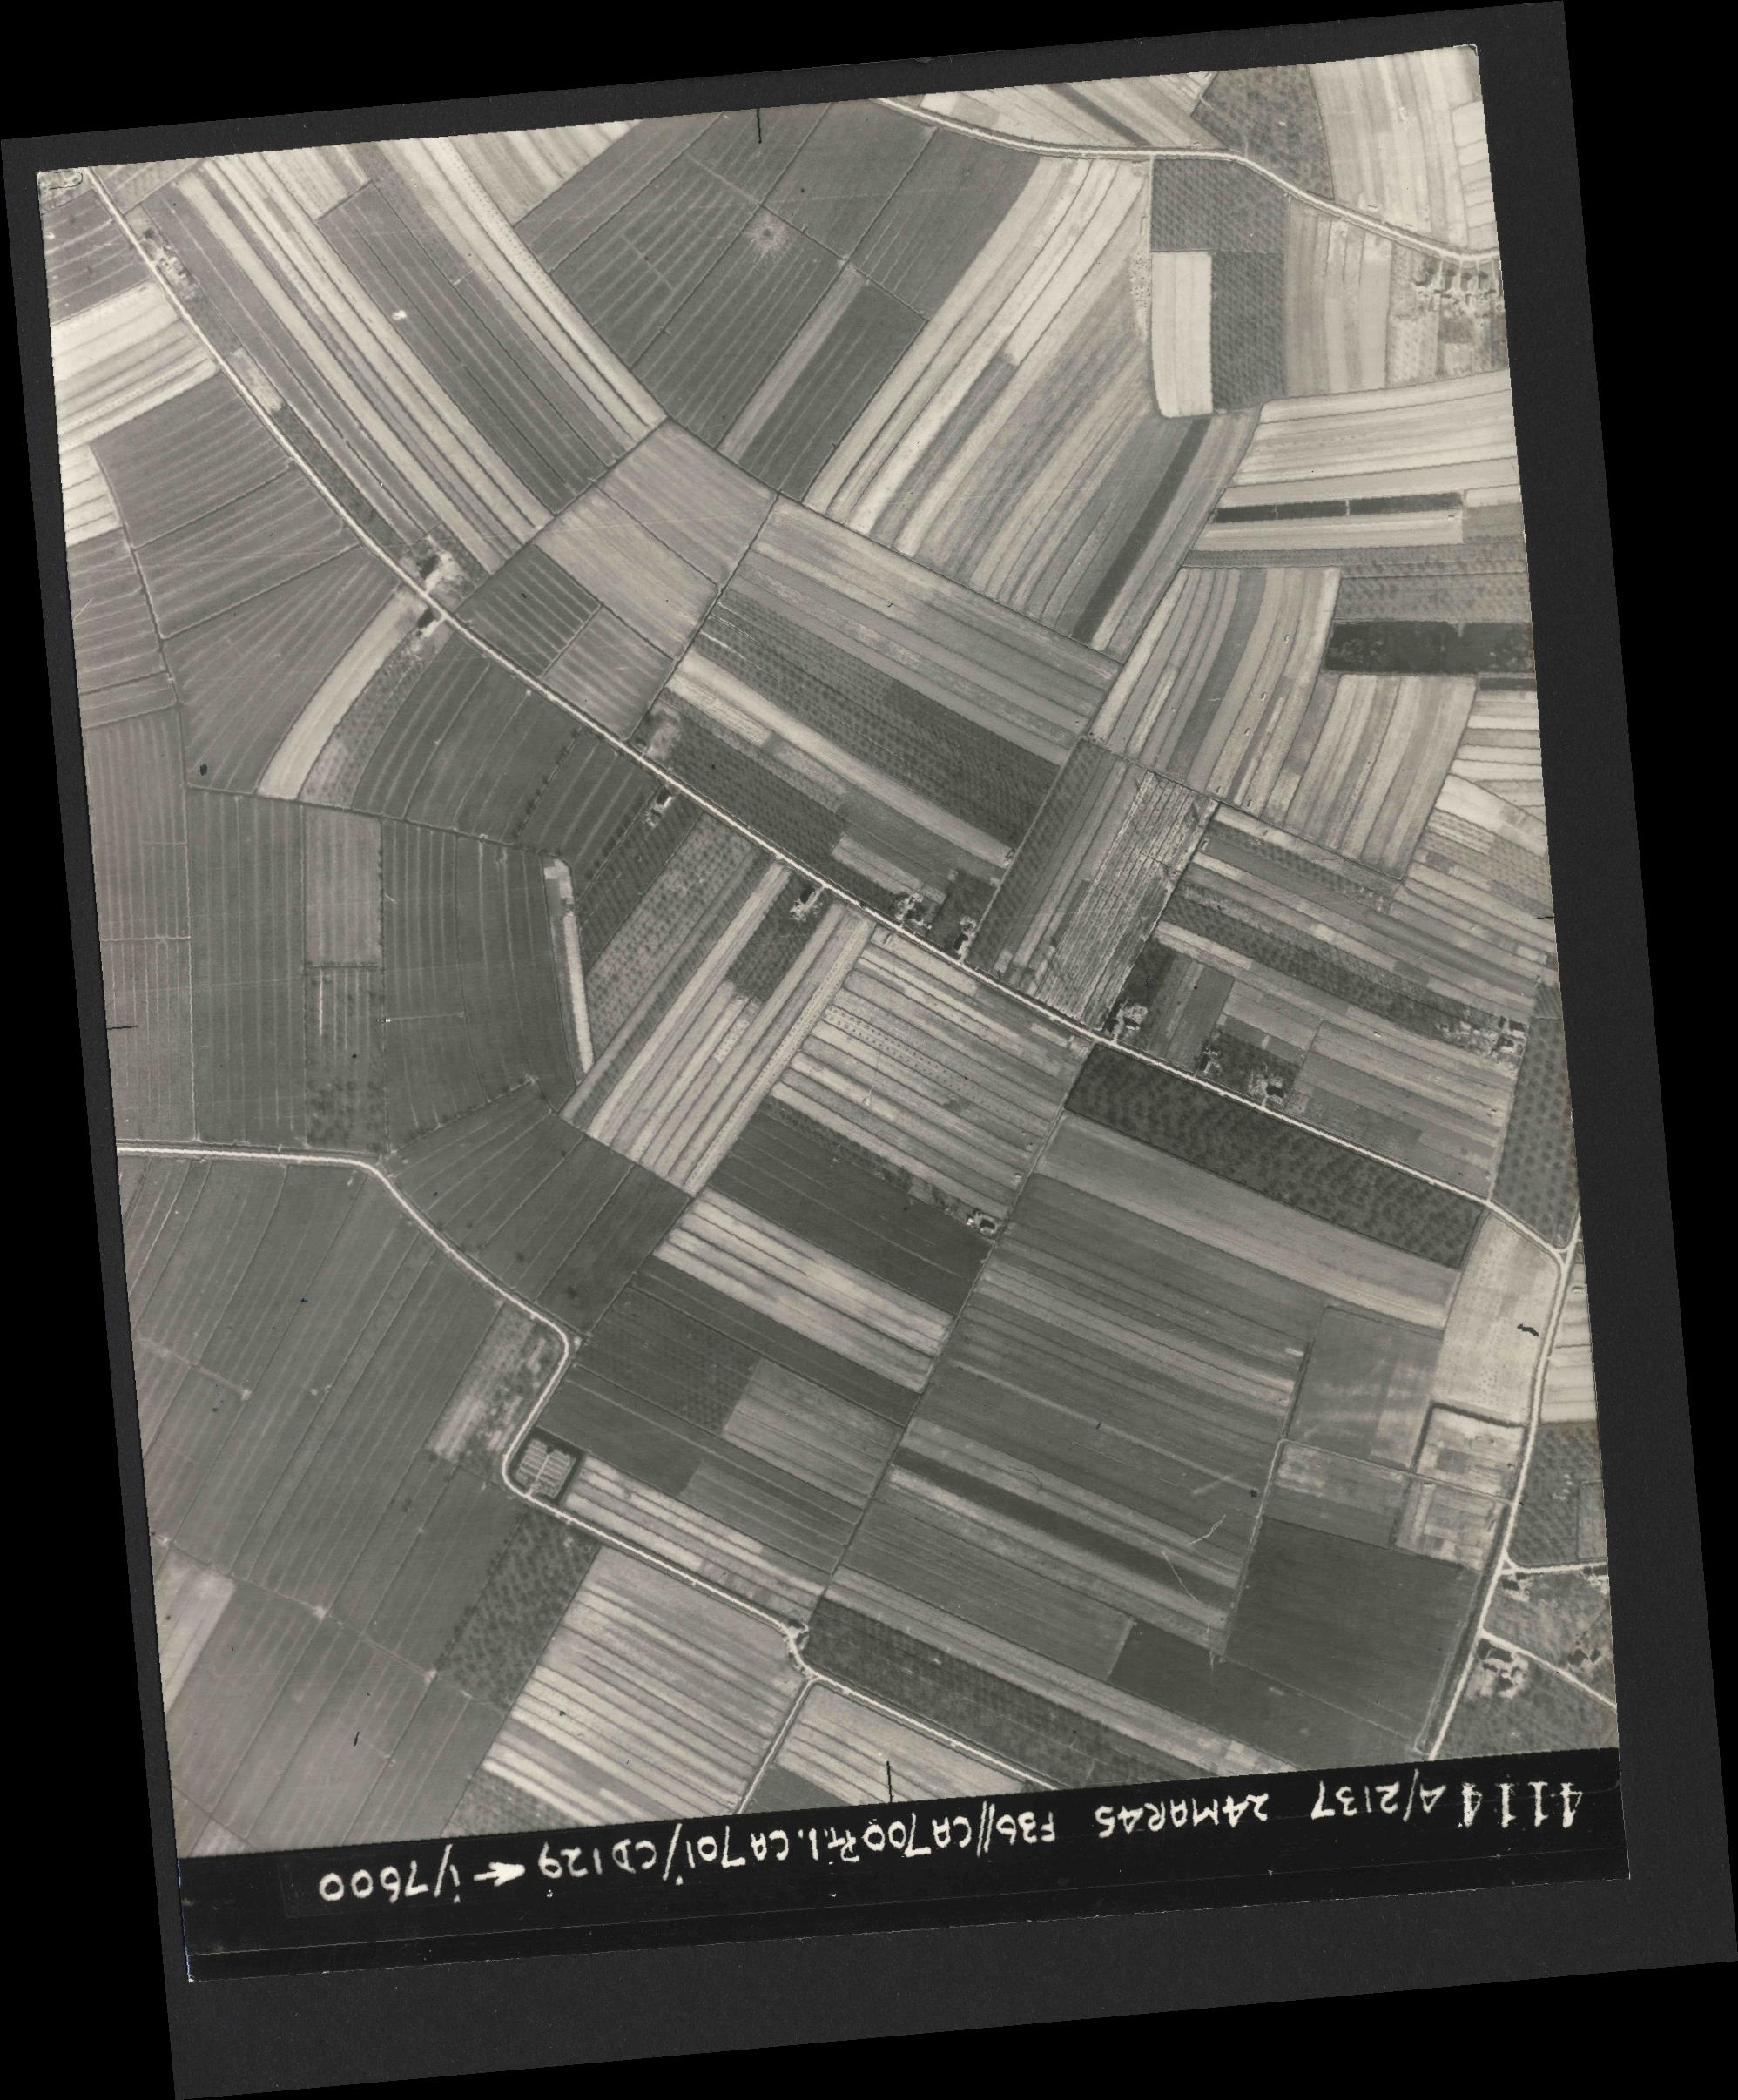 Collection RAF aerial photos 1940-1945 - flight 054, run 08, photo 4114